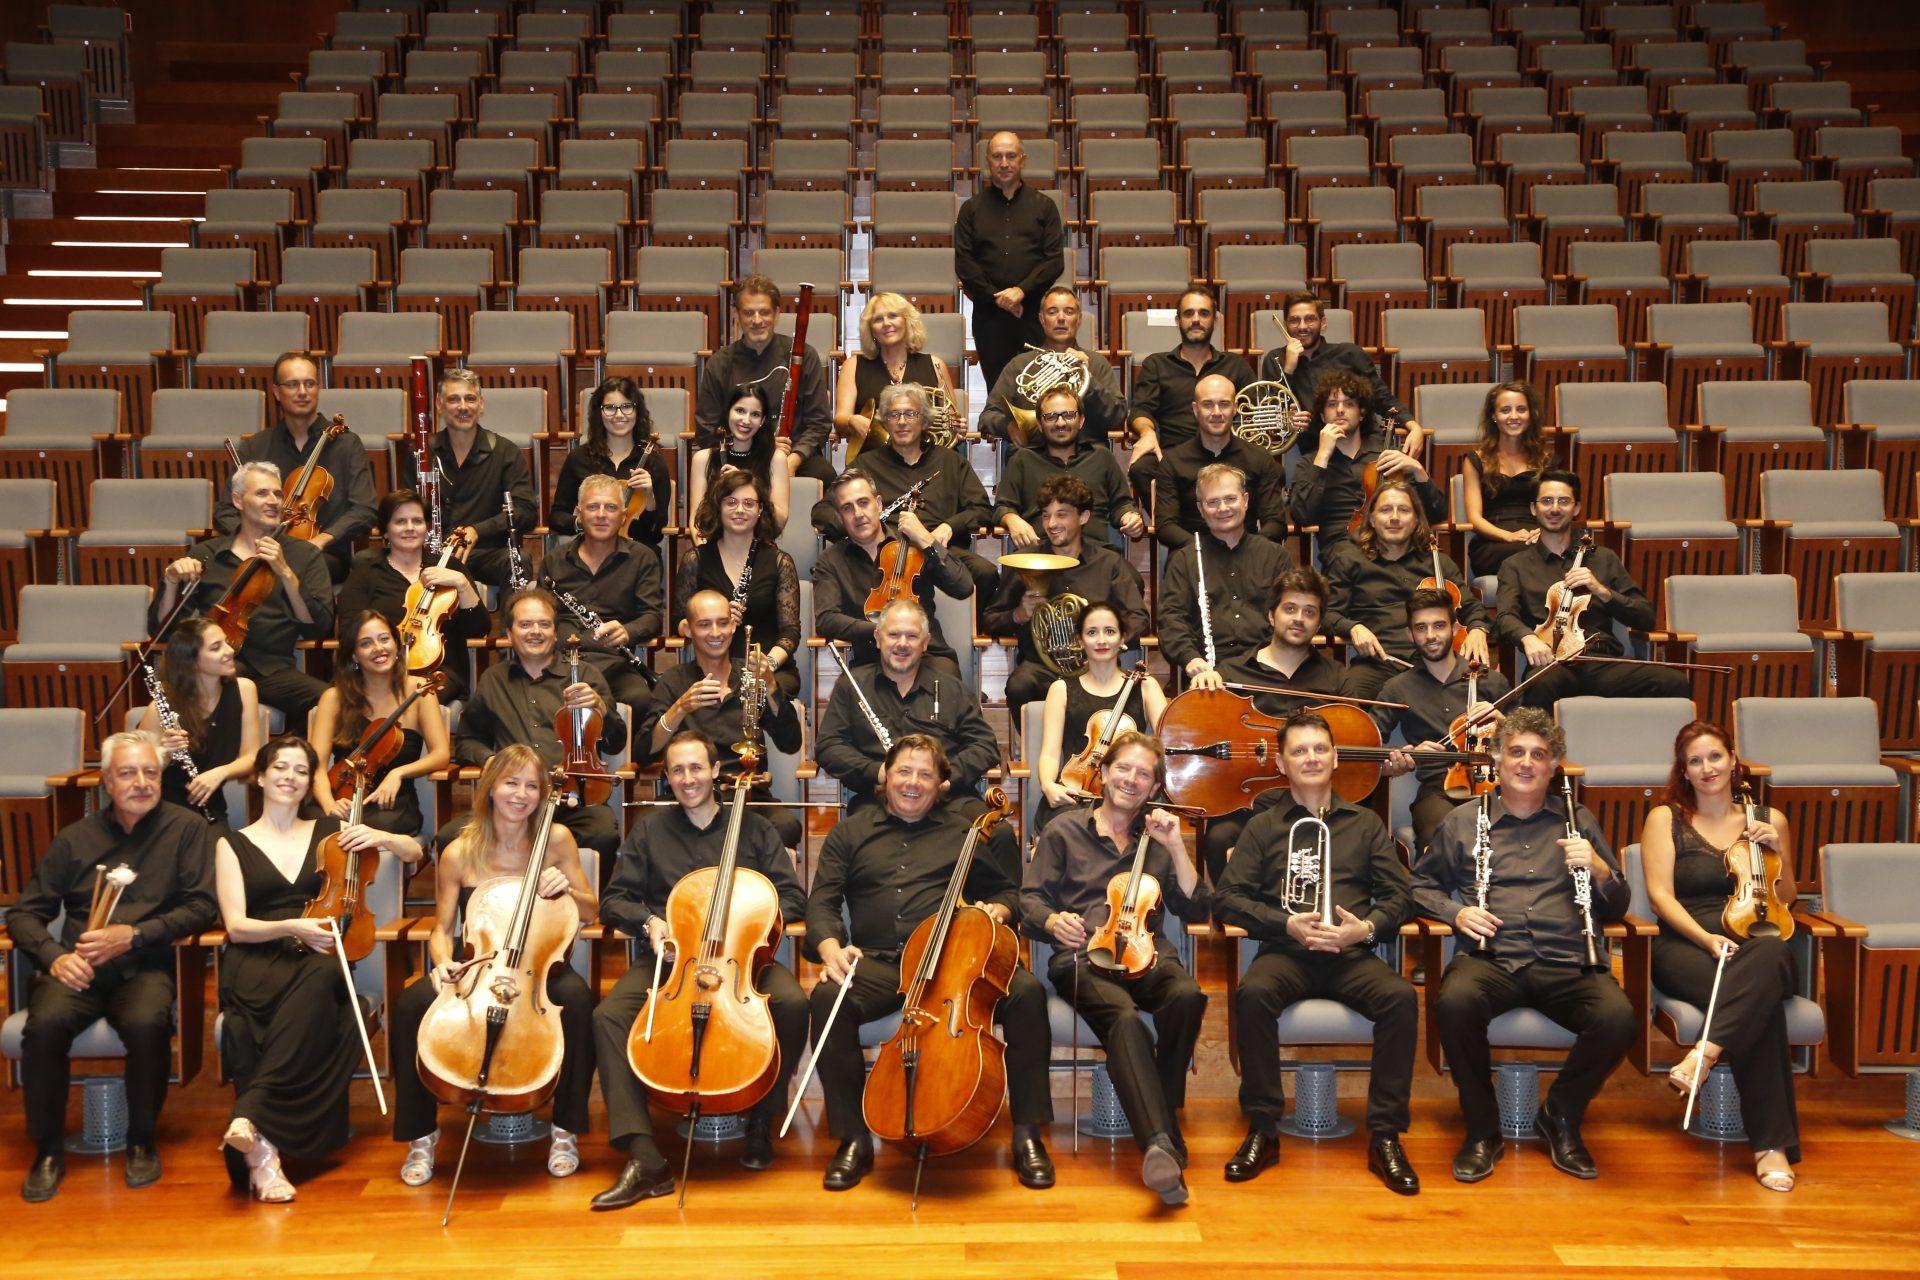 Associazione Scarlatti: il programma della nuova Stagione Concertistica 2021